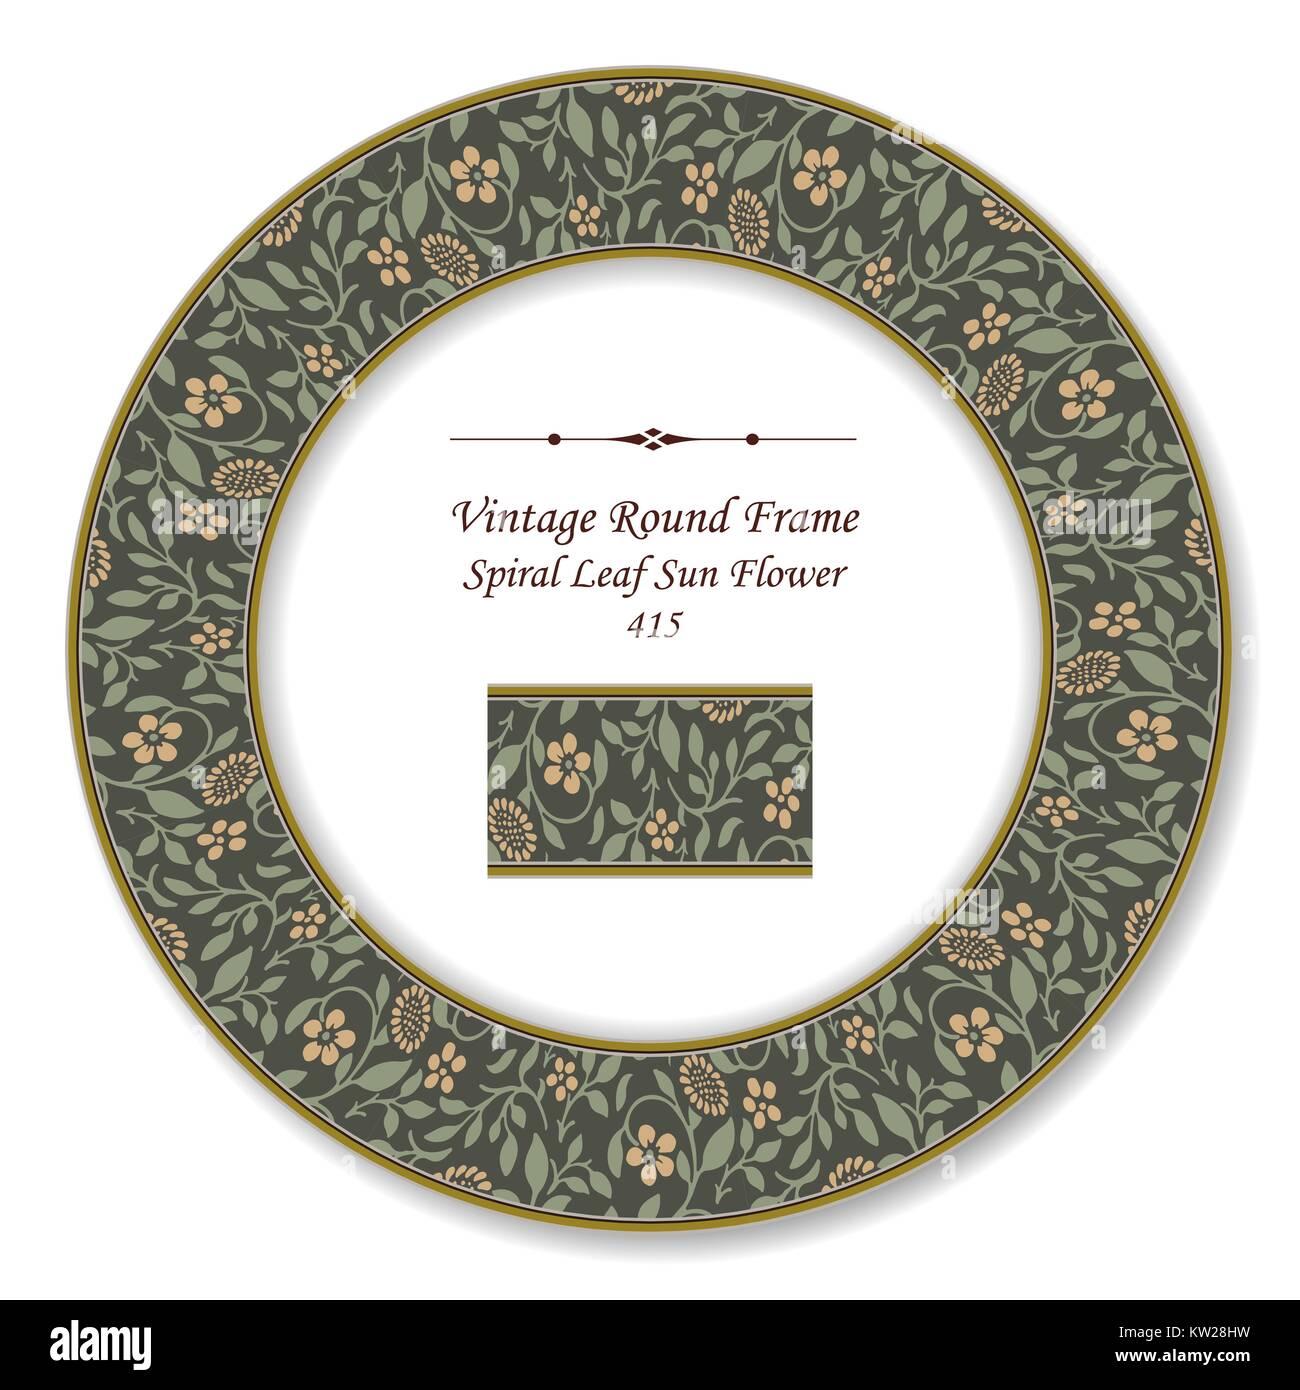 Vintage Round Retro Frame of Botanic Garden Spiral Leaf Sun Flower Stock Vector